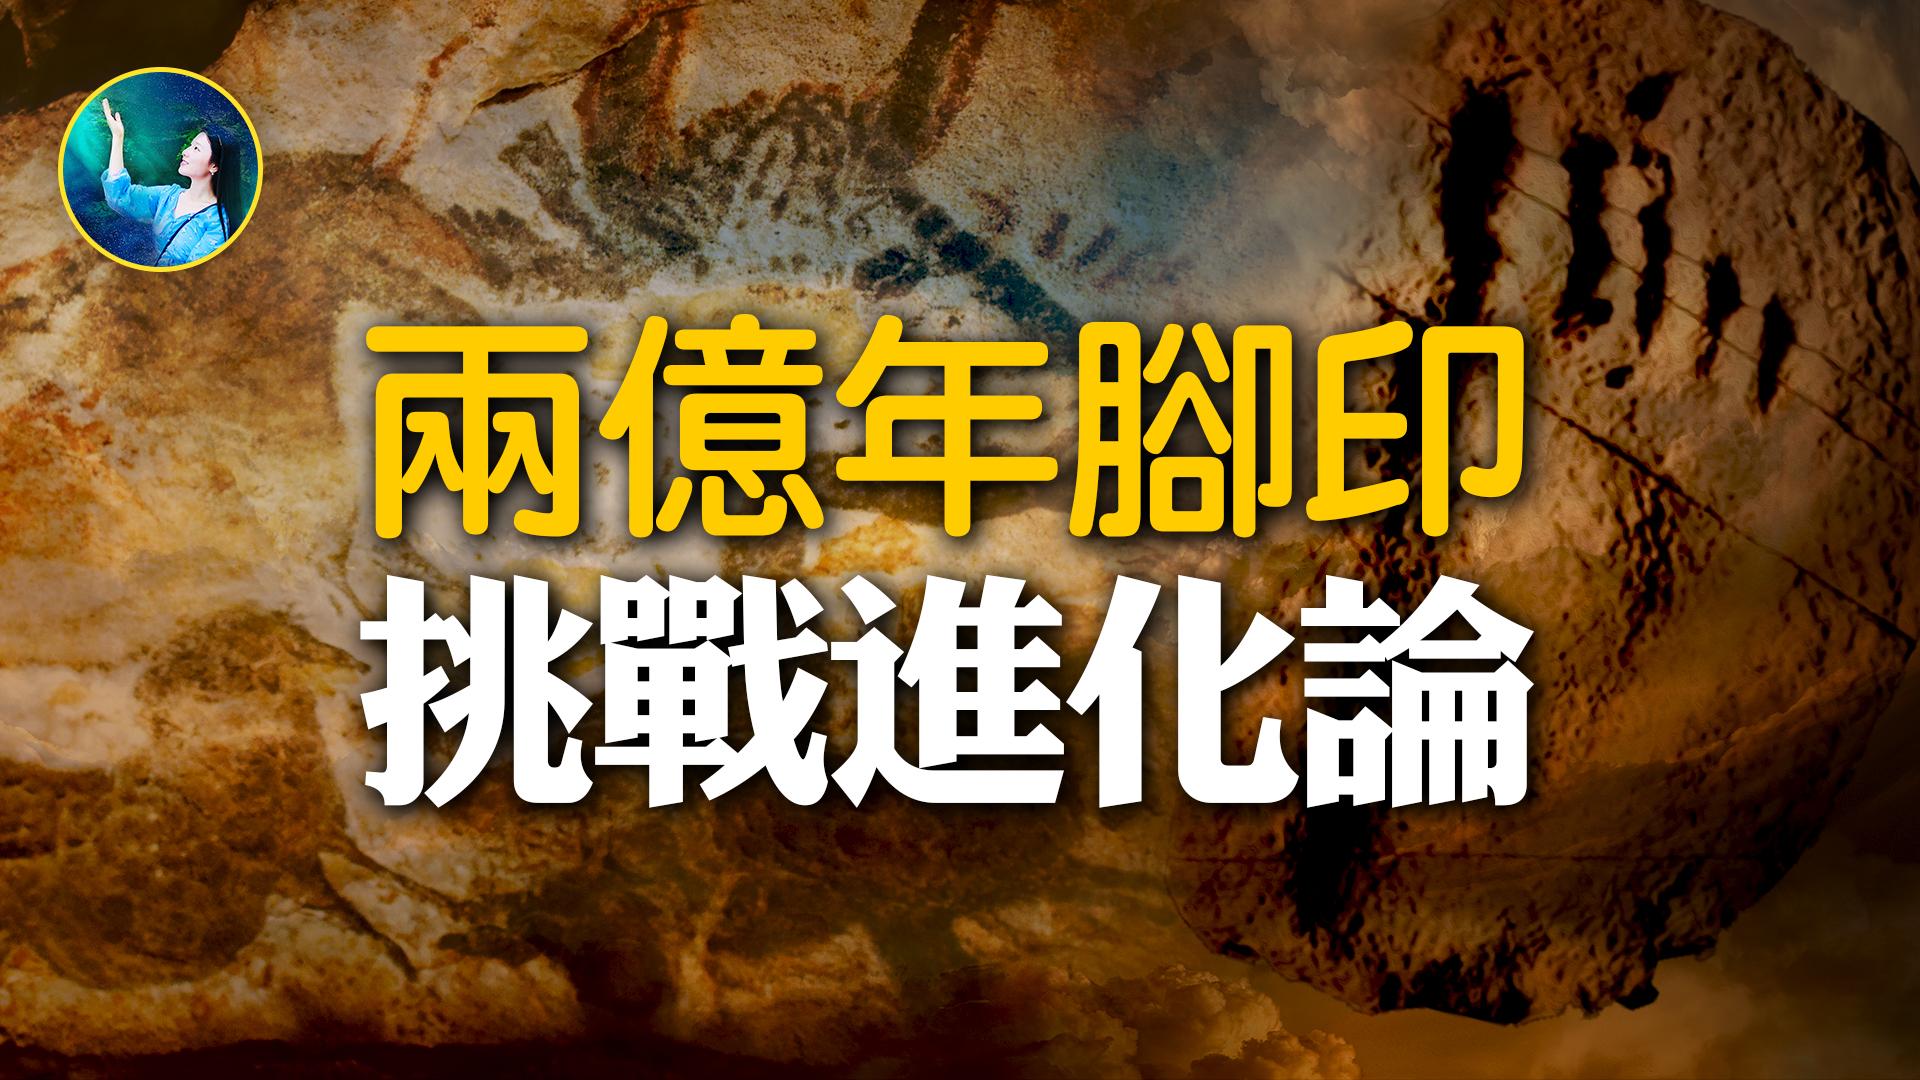 兩億年人類腳印,挑戰進化論?史前盧浮宮 和西斯廷教堂,都畫了些什麼?神秘遺蹟 | #未解之謎 扶搖